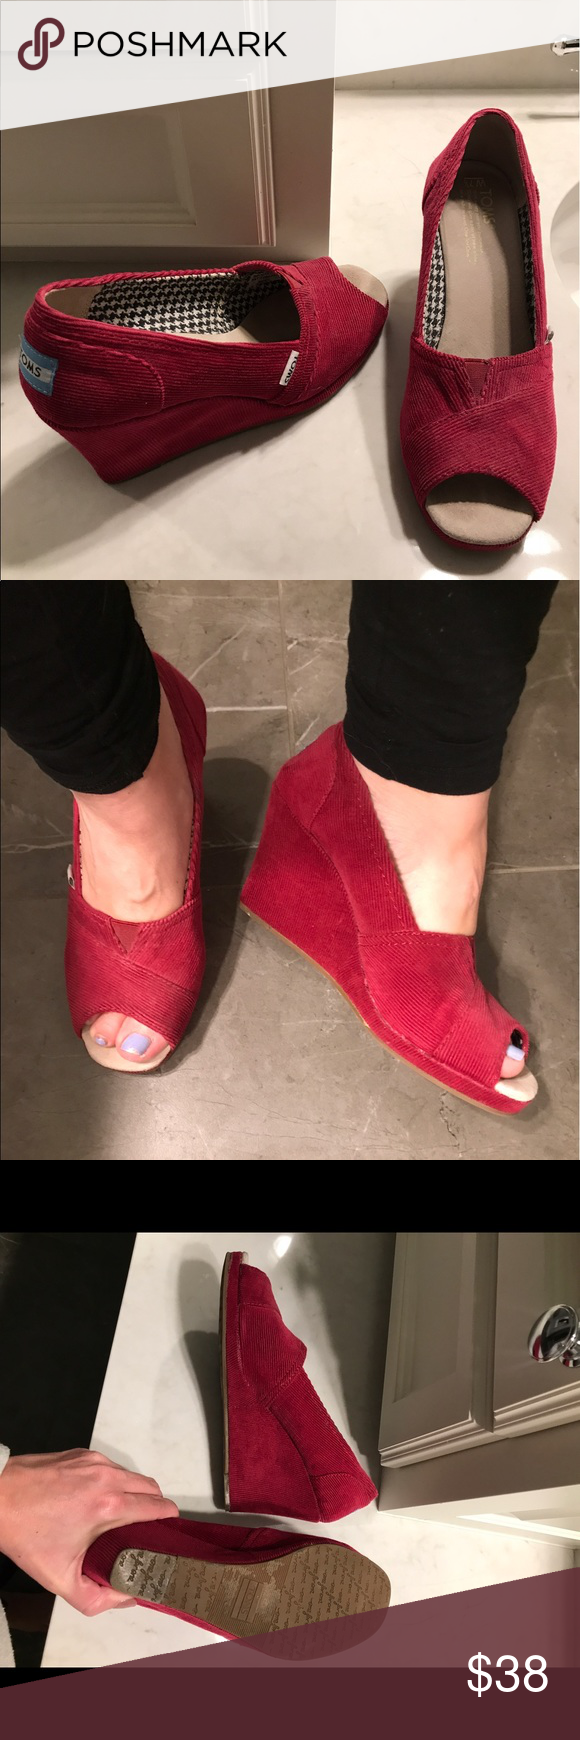 Shoe Wear Patterns Outside Heel New Design Ideas